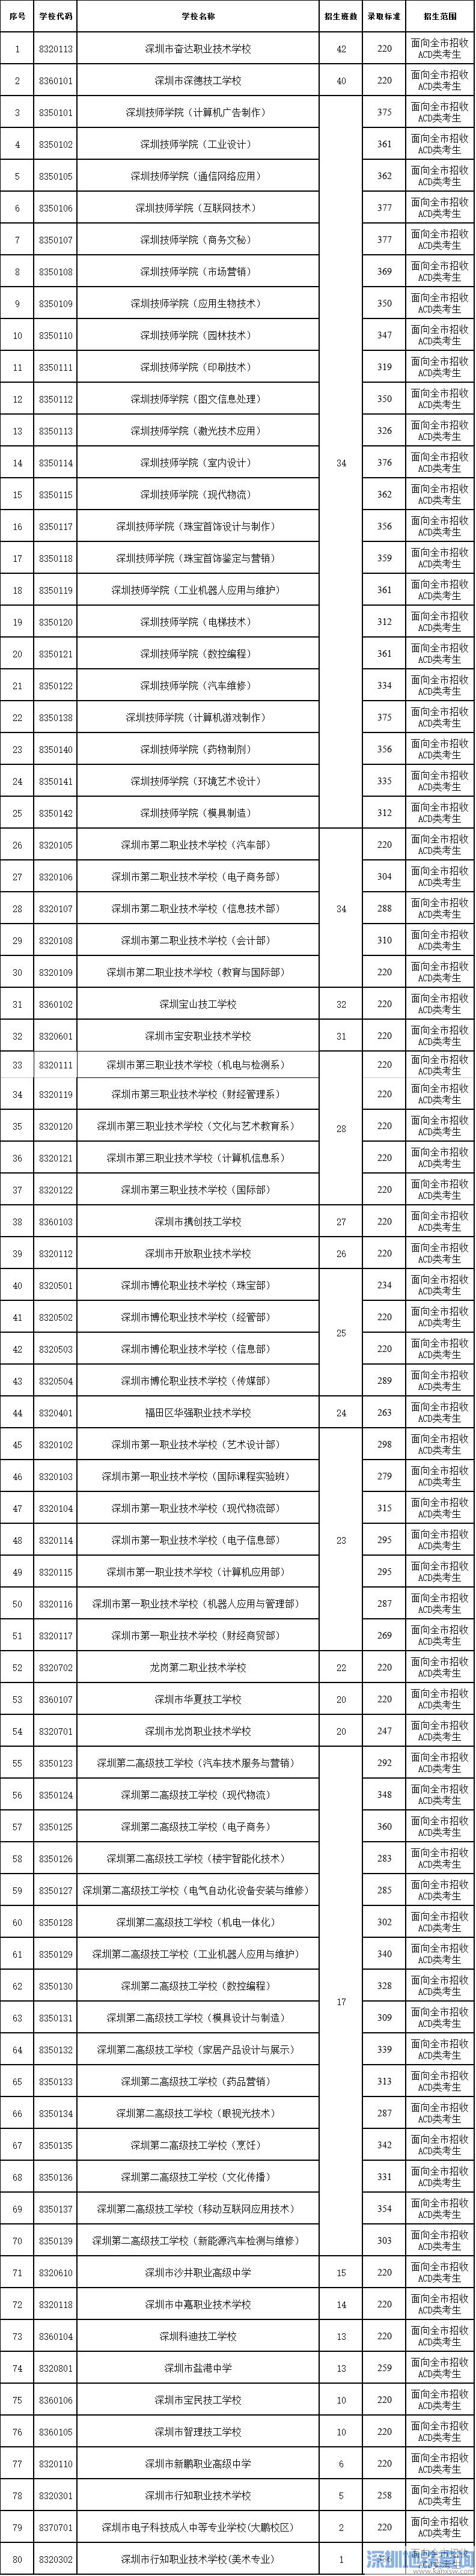 深圳第二批高中录取标准来了 深圳市2017年高中阶段学校第二批录取标准